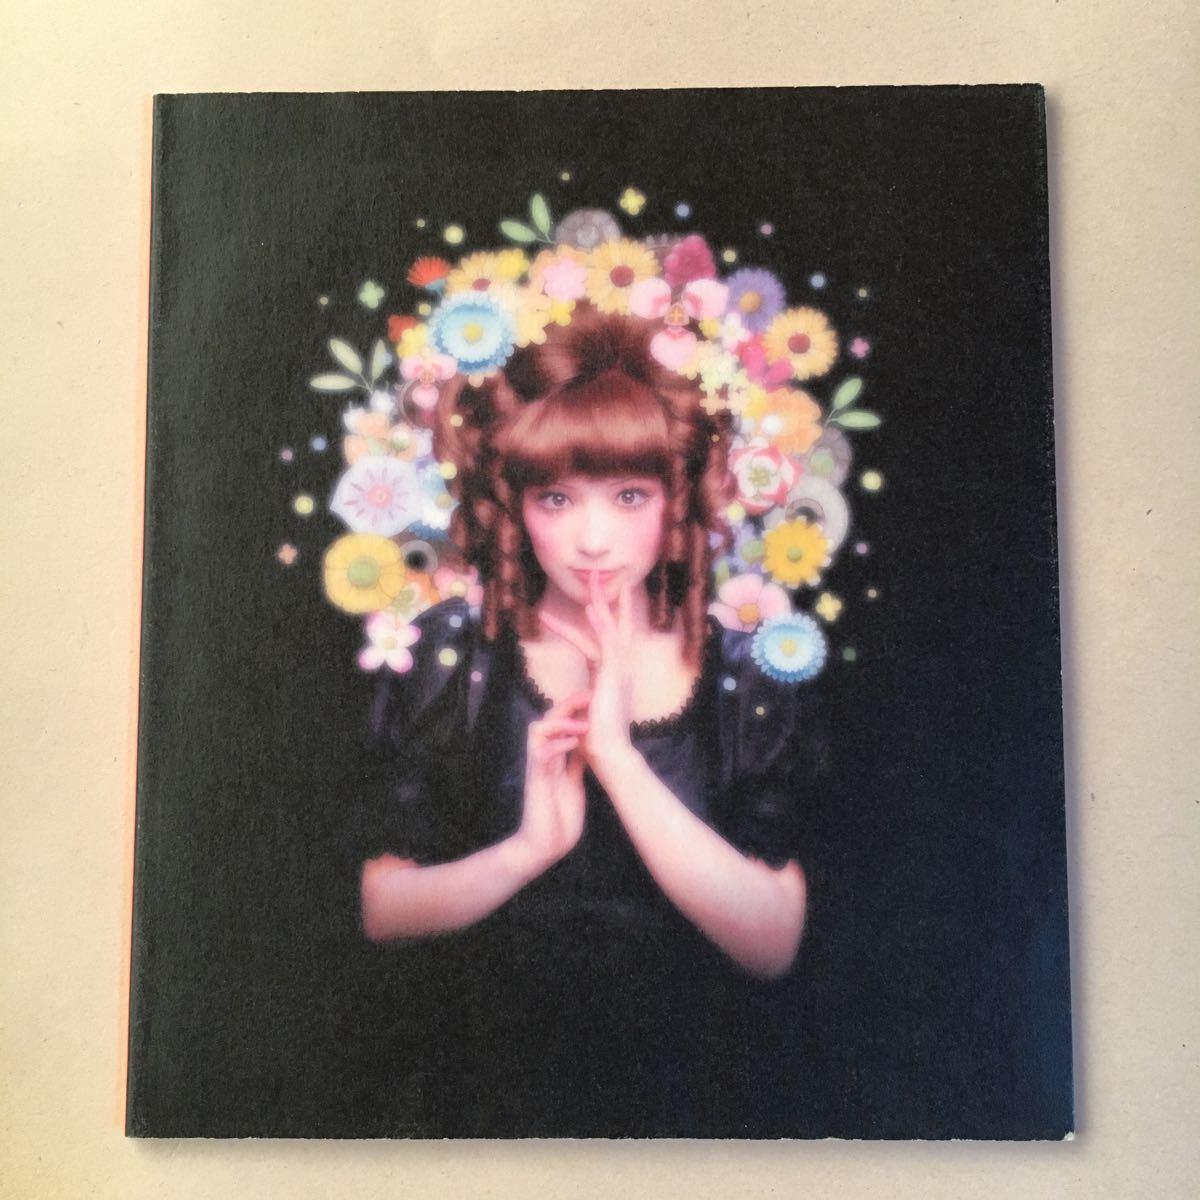 椎名林檎 1CD「勝訴ストリップ」_画像4